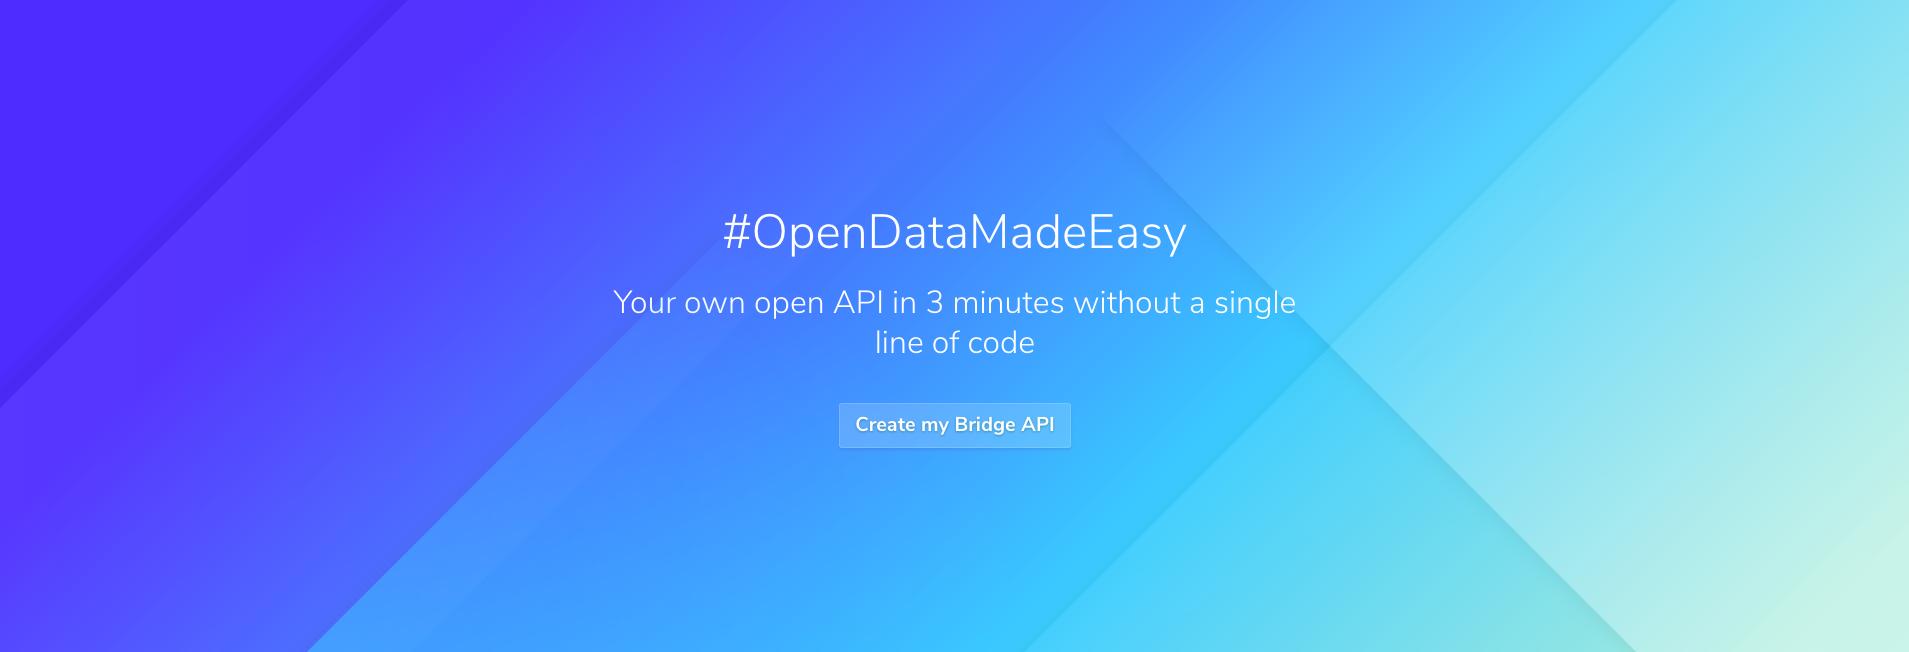 Homepage of Bridge app